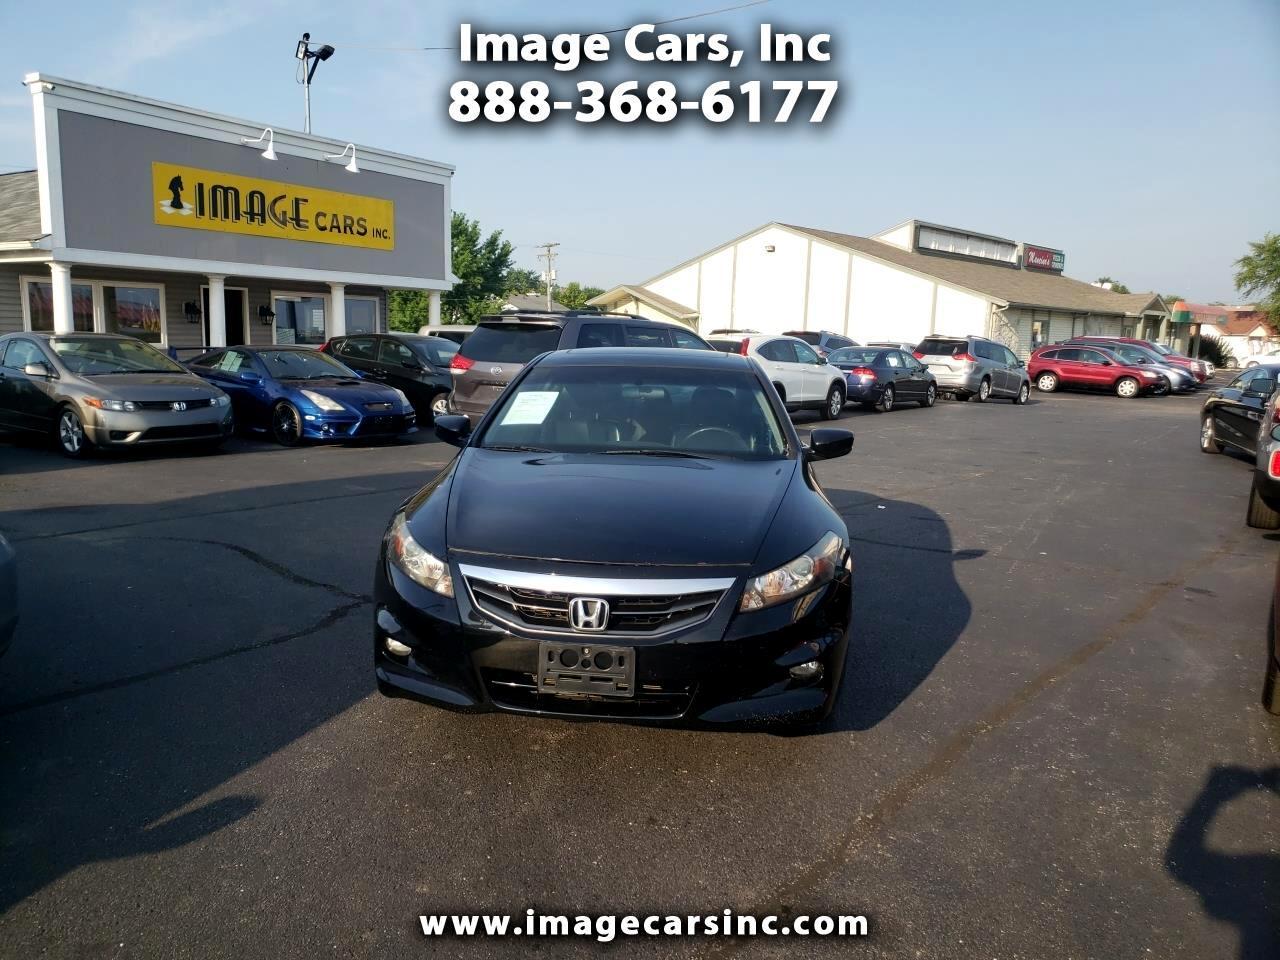 2012 Honda Accord EX-L V6 Coupe AT